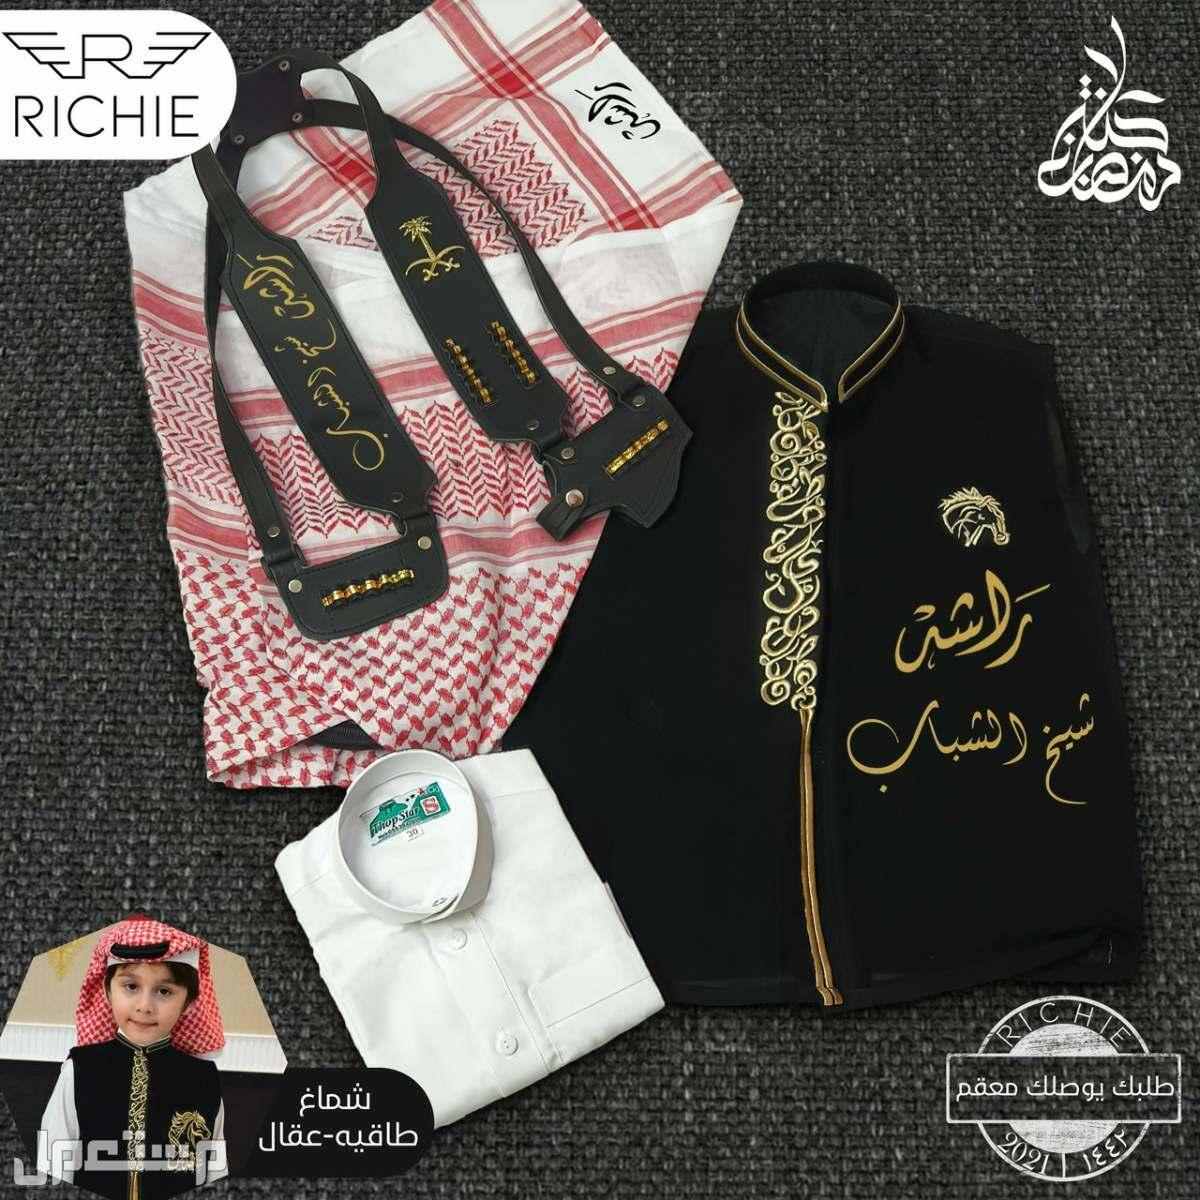 اهدي طفلك # ملابس العيد. طقم متكامل بالاسم